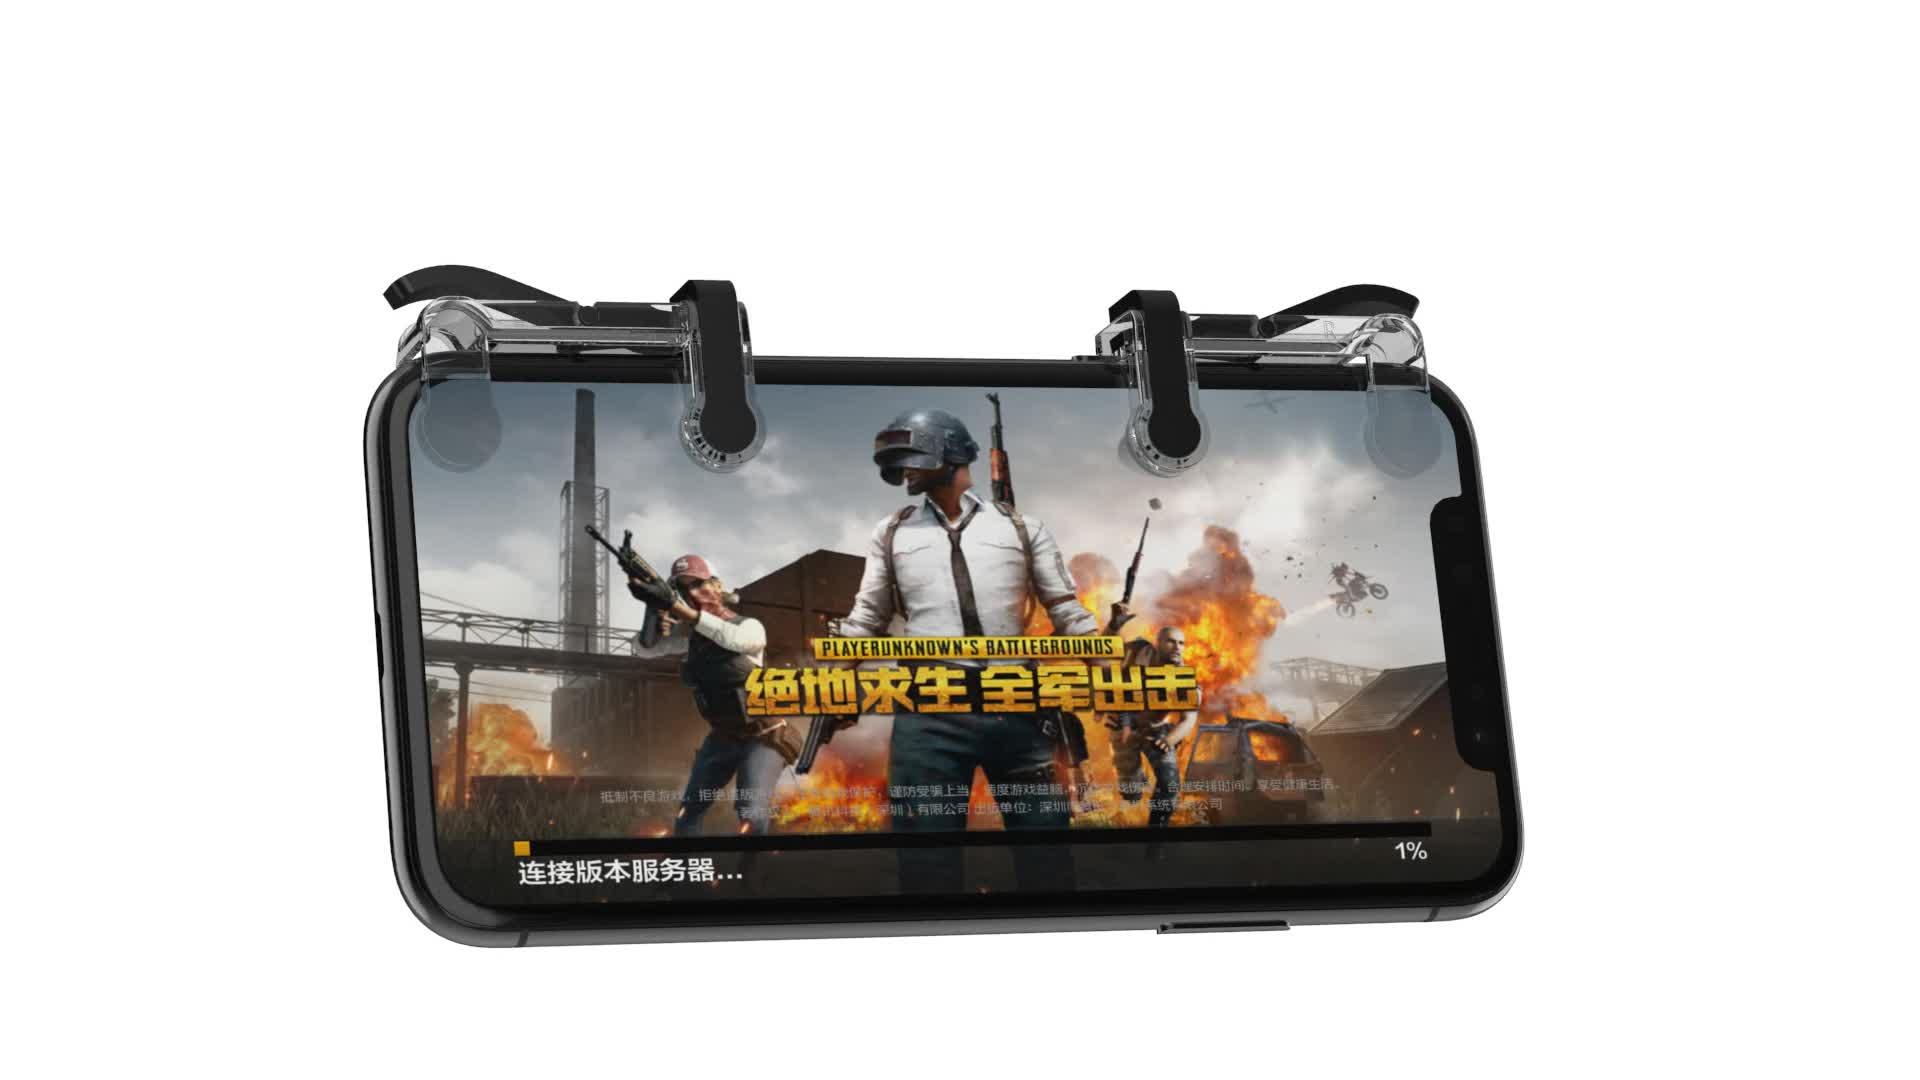 Di alta Qualità Pugb Gaming Trigger Controller di Gioco Joystick Per Il Telefono Mobile Joystick L1 r1 PUBG Controller di Gioco